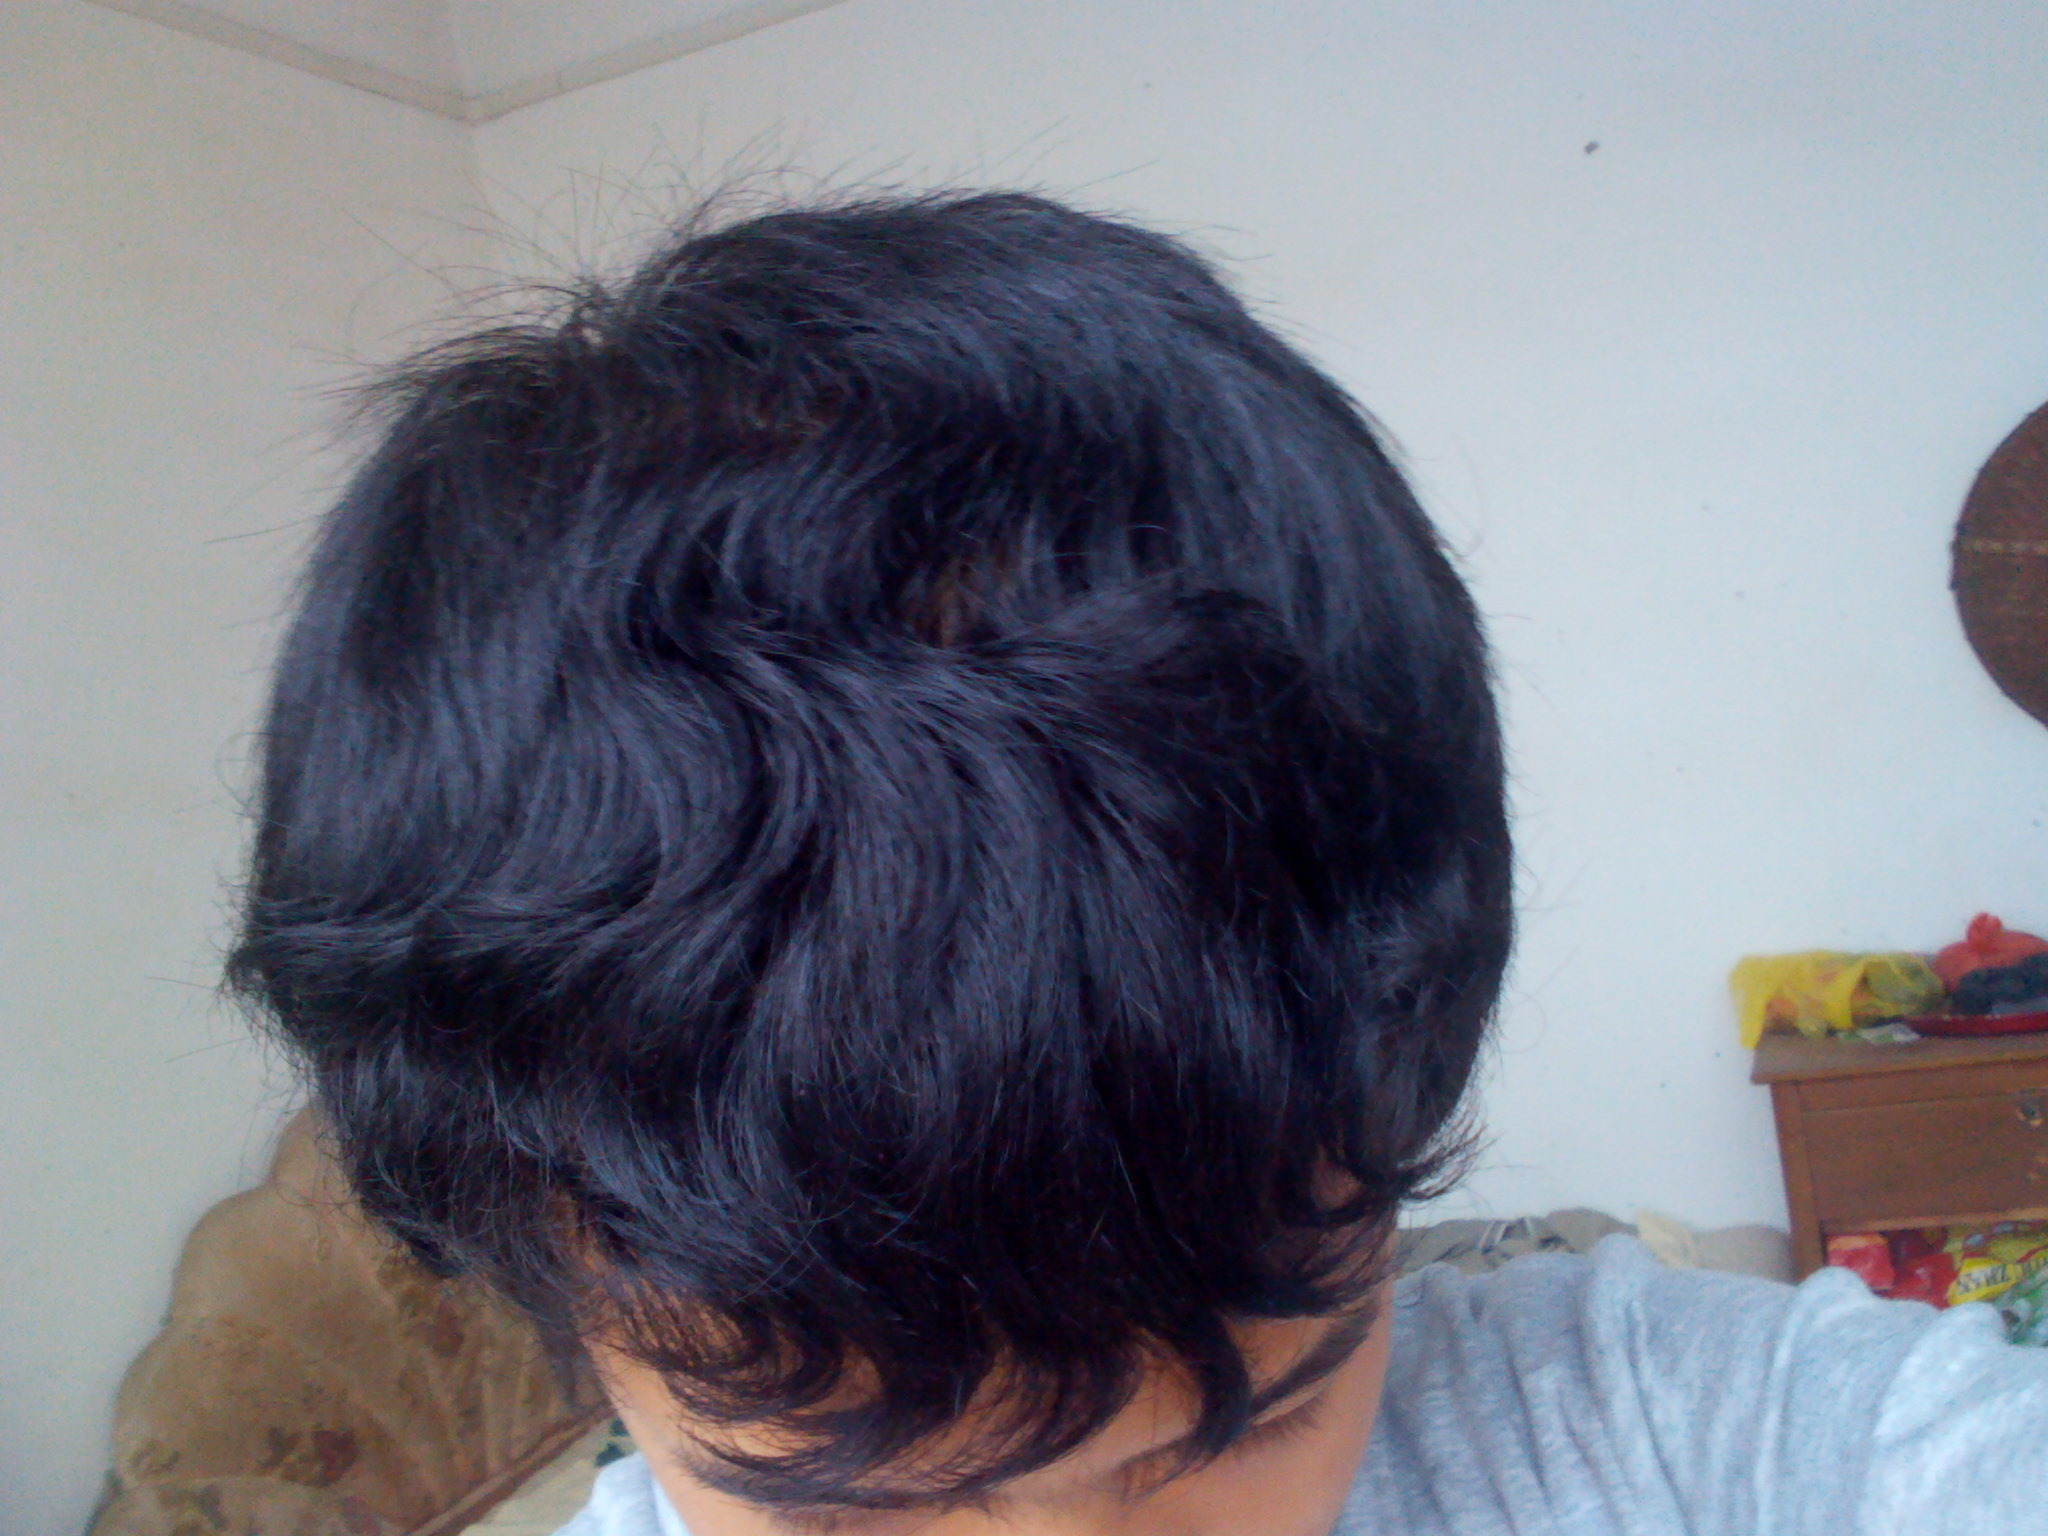 自然卷的头发,剪什么适合发型好?男 脸型圆,紧急!图片